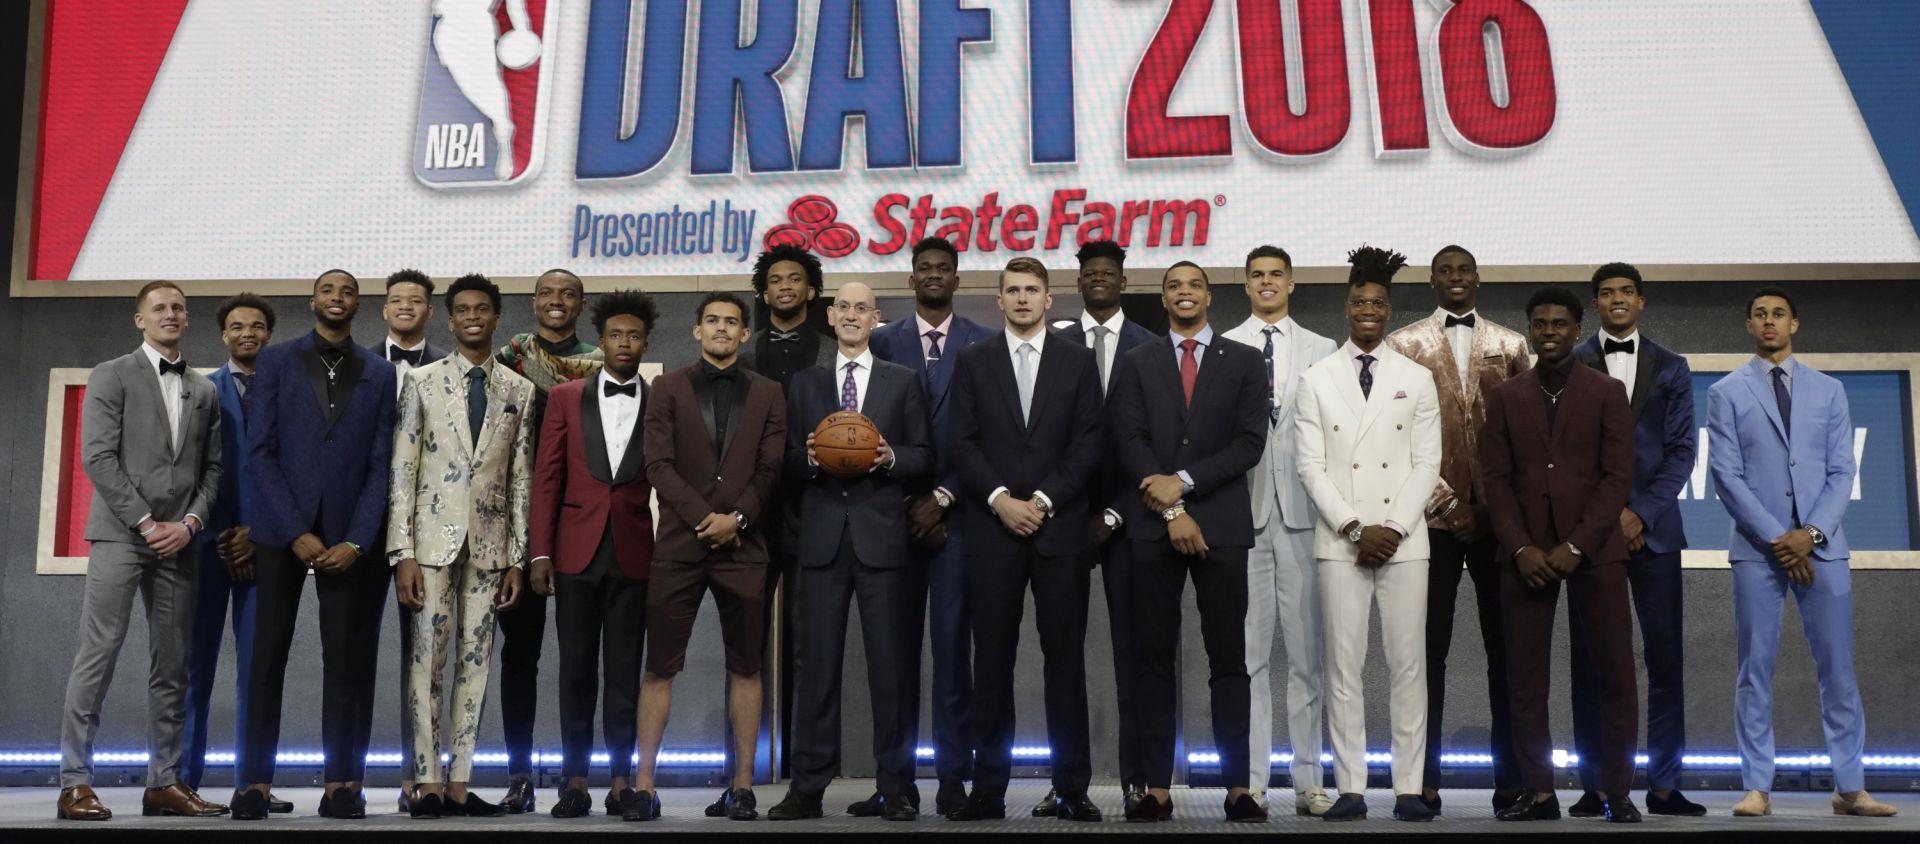 NBA DRAFT Ayton prvi izbor, Dončić u Dallas, Musa u Brooklyn